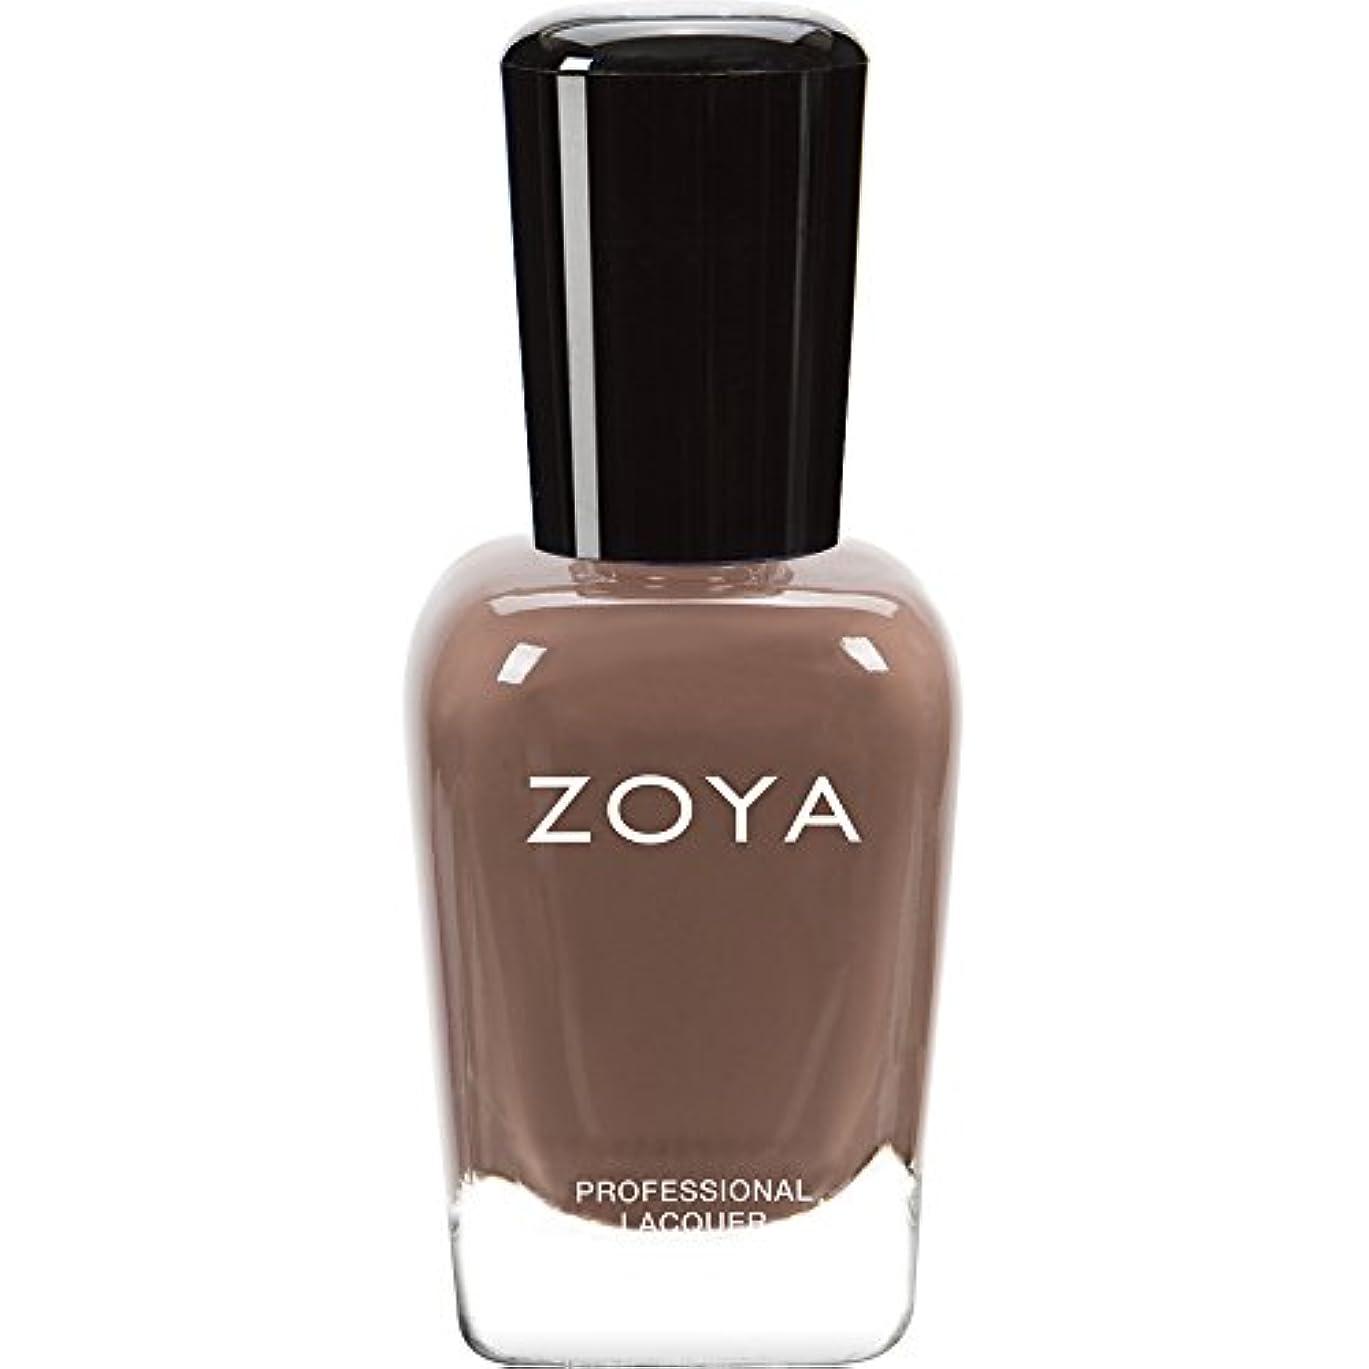 ロッジポーズ後方ZOYA ゾーヤ ネイルカラーZP743  Chanelle シャネル 15ml Naturel DEUX(2) Collection アーモンドクリーム マット 爪にやさしいネイルラッカーマニキュア